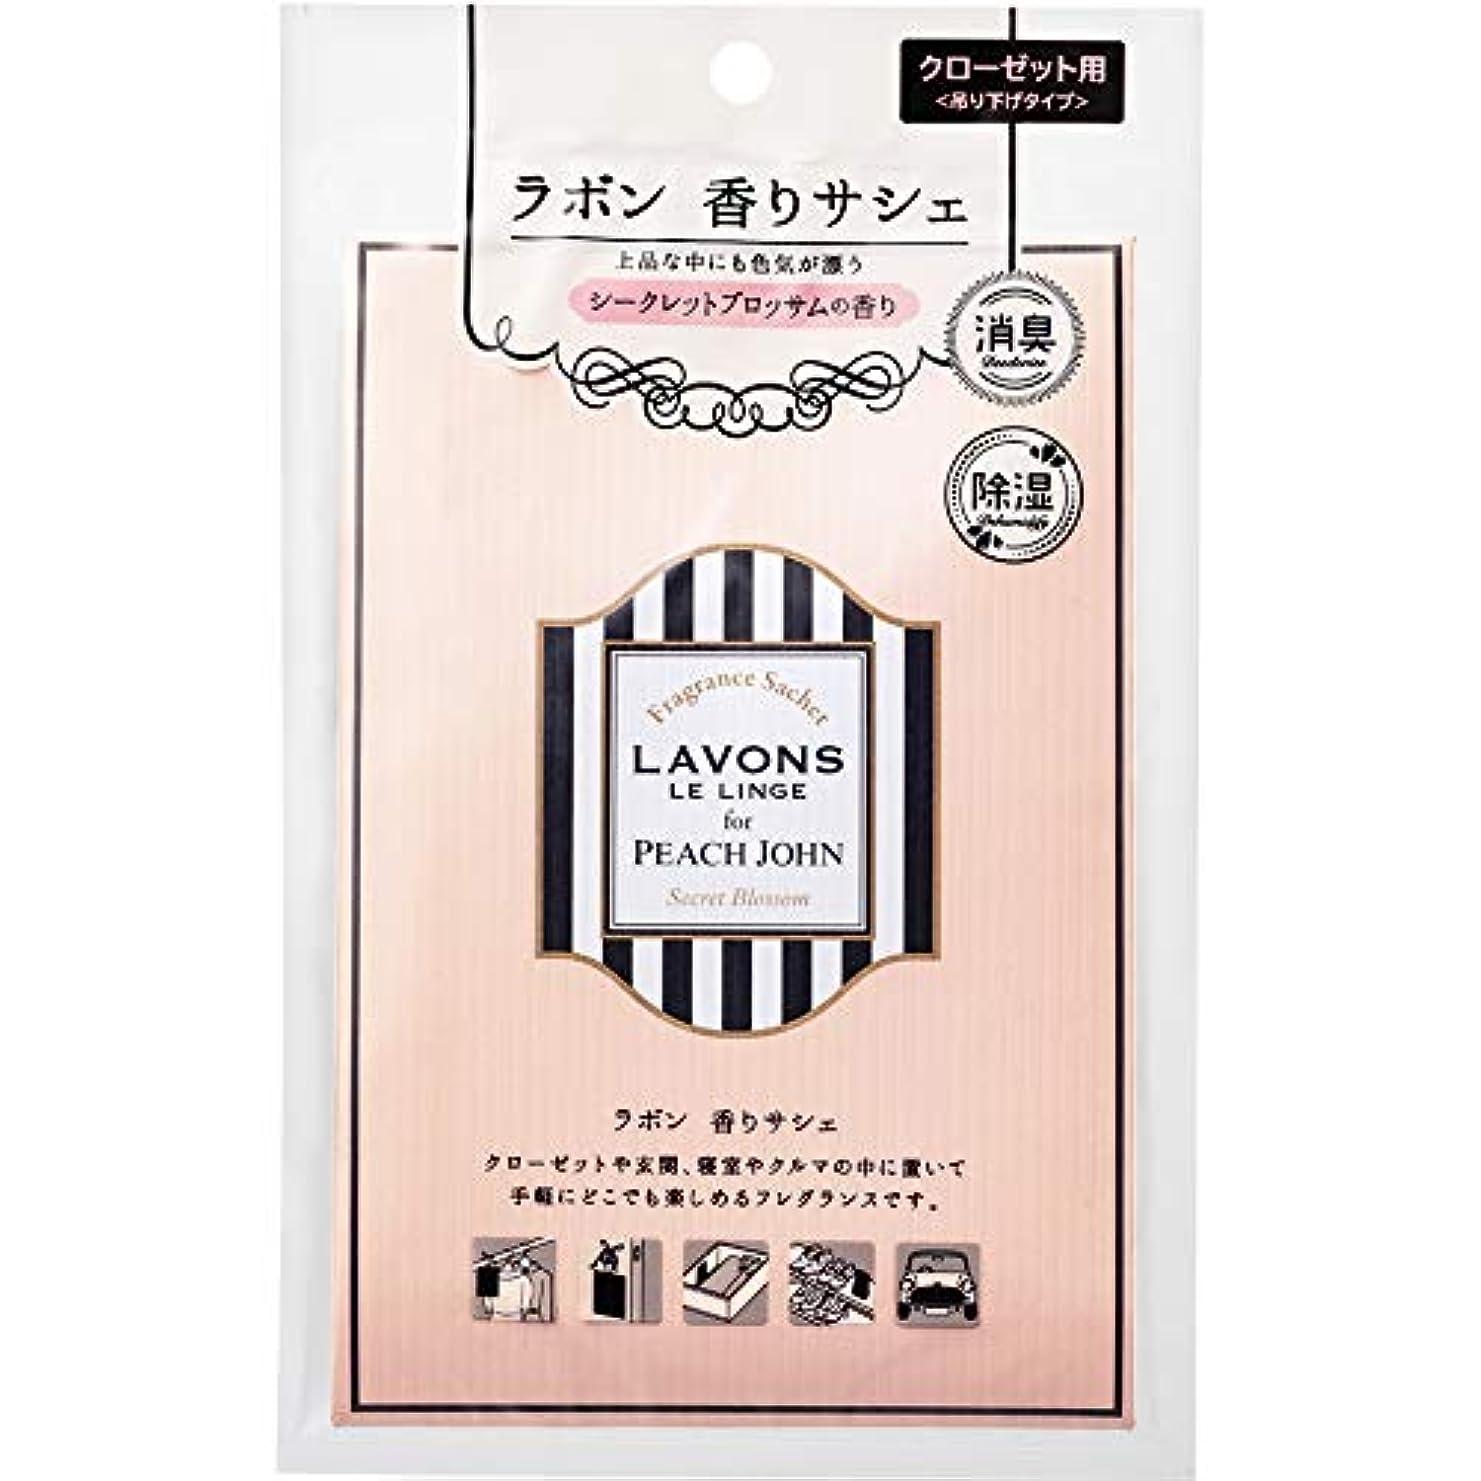 提唱する用量増幅器ラボン for PEACH JOHN 香りサシェ (香り袋) シークレットブロッサムの香り 20g